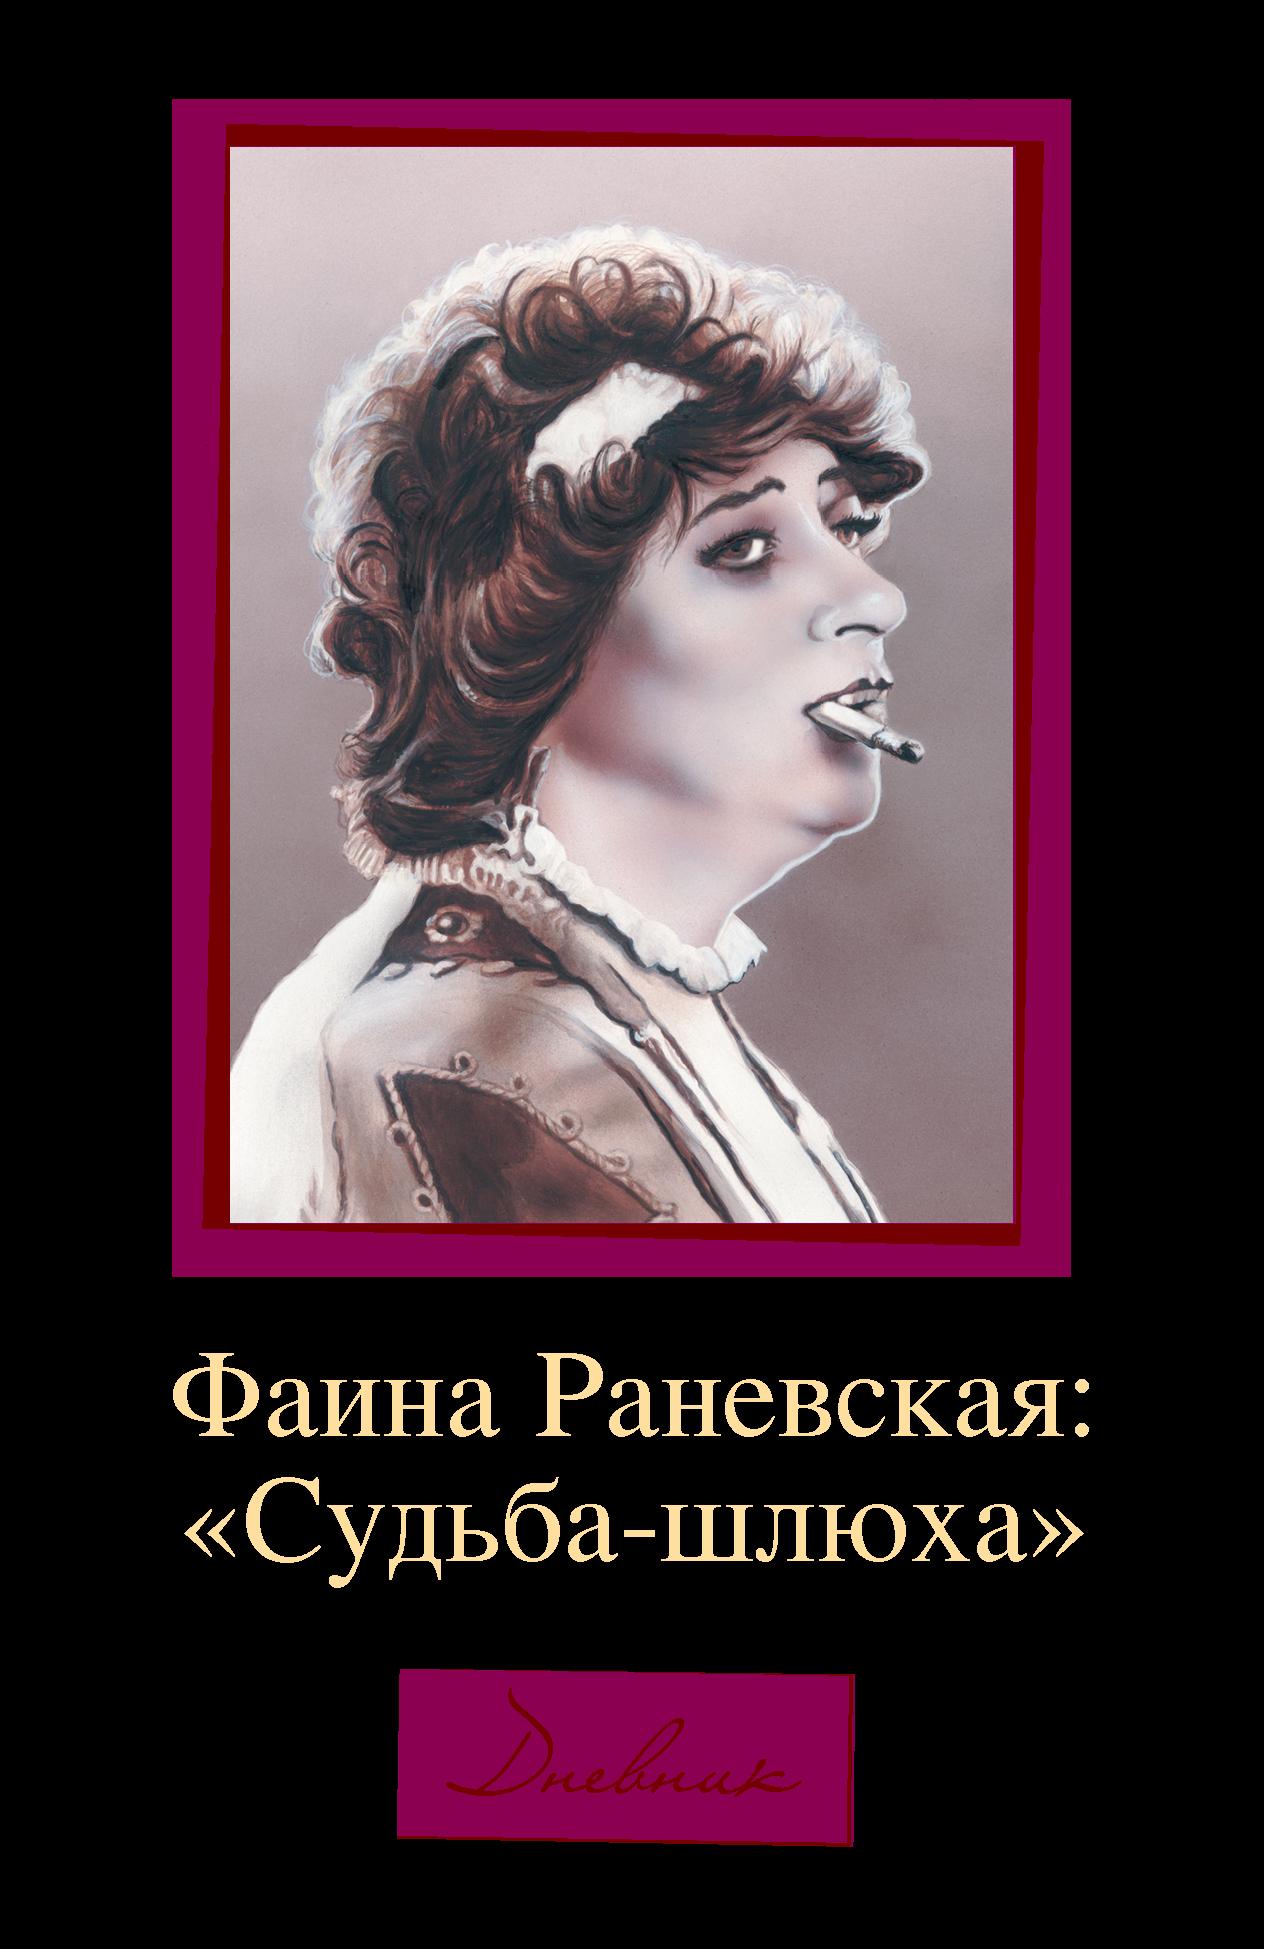 Дмитрий Щеглов Фаина Раневская: Судьба-шлюха парад комедий раневская одинокая насмешница